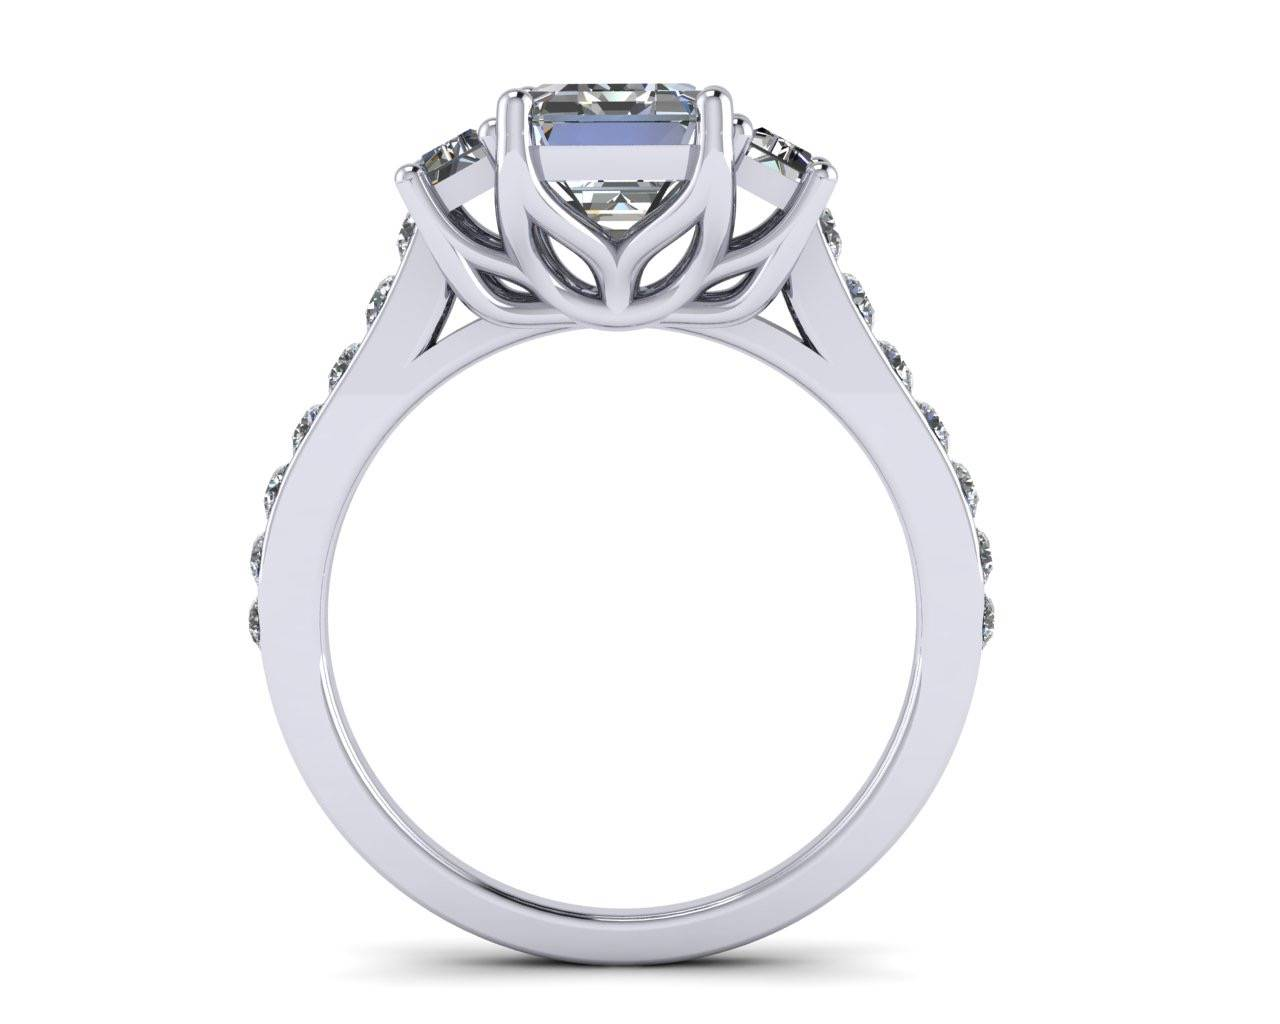 Aayraa jewels - Juwelen - House of Weddings - 5